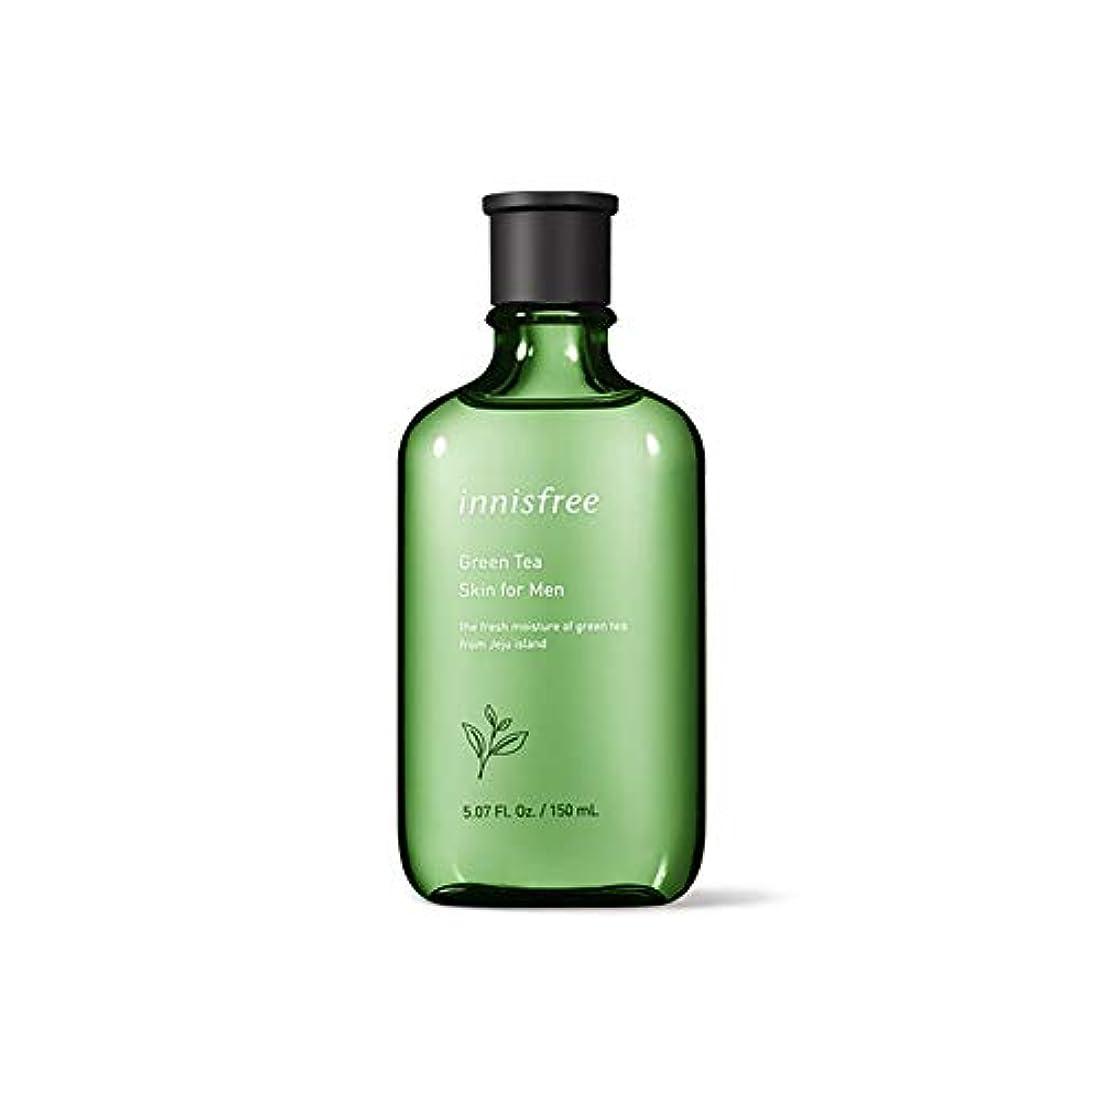 処理する軽減シュートイニスフリー Innisfree グリーンティースキンフォーメン(150ml) Innisfree Green Tea Skin For Men(150ml) [海外直送品]